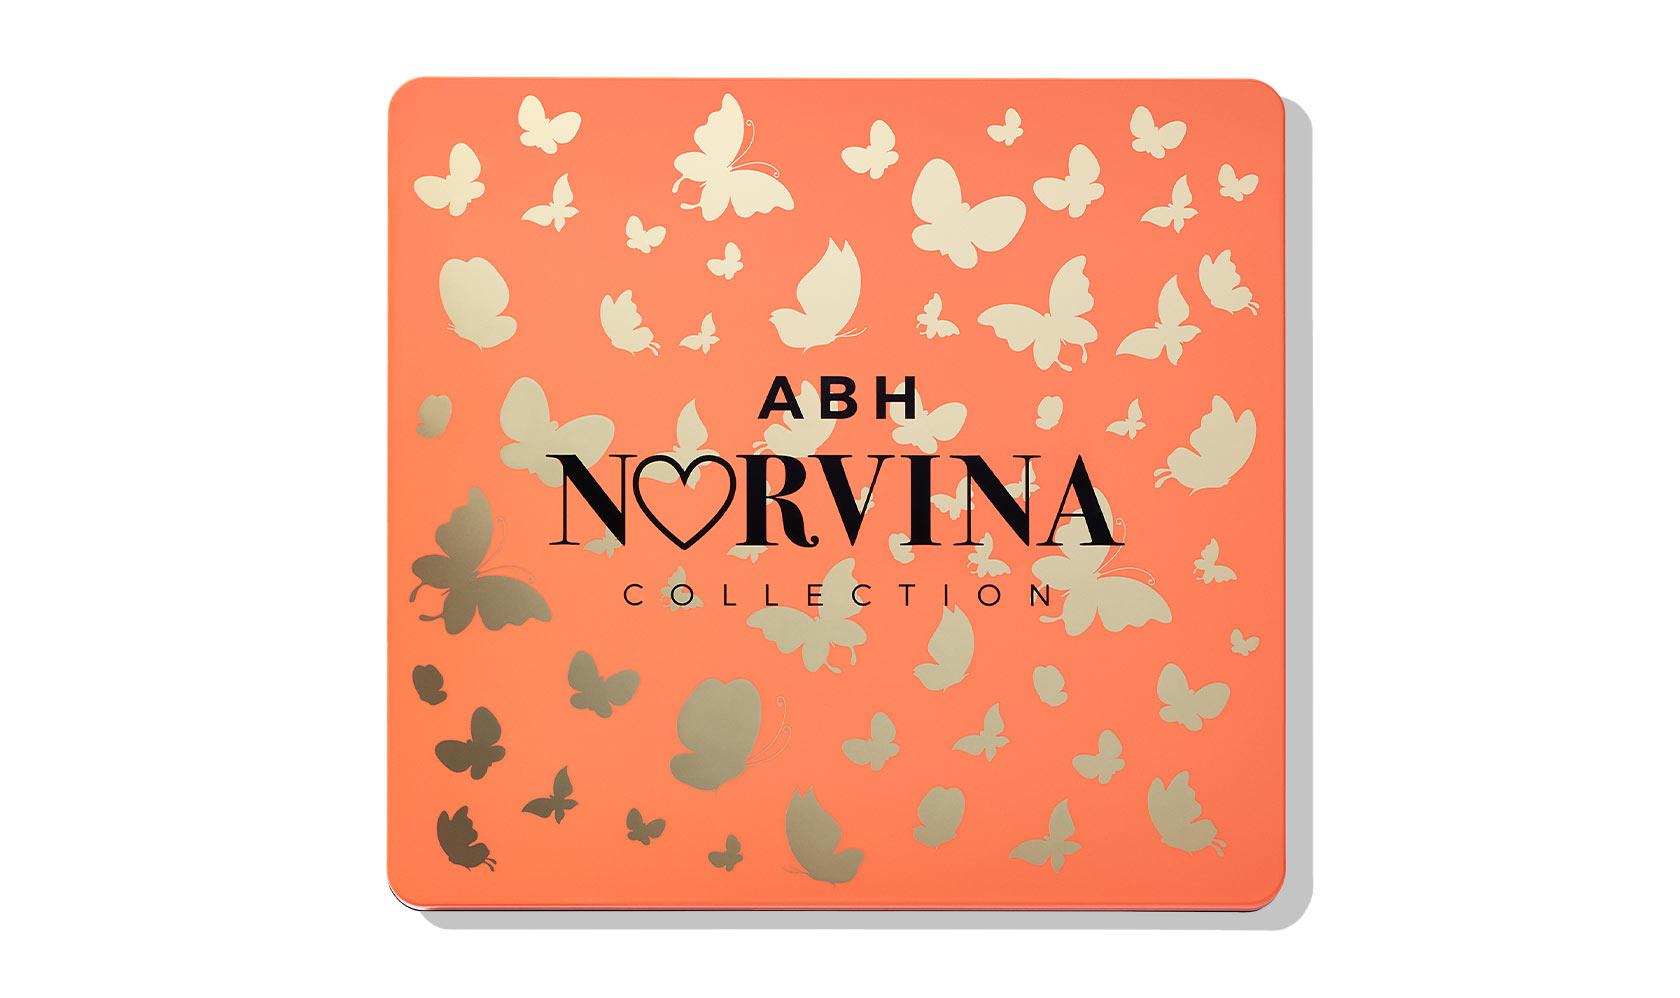 norvina-vol3-campaign-3